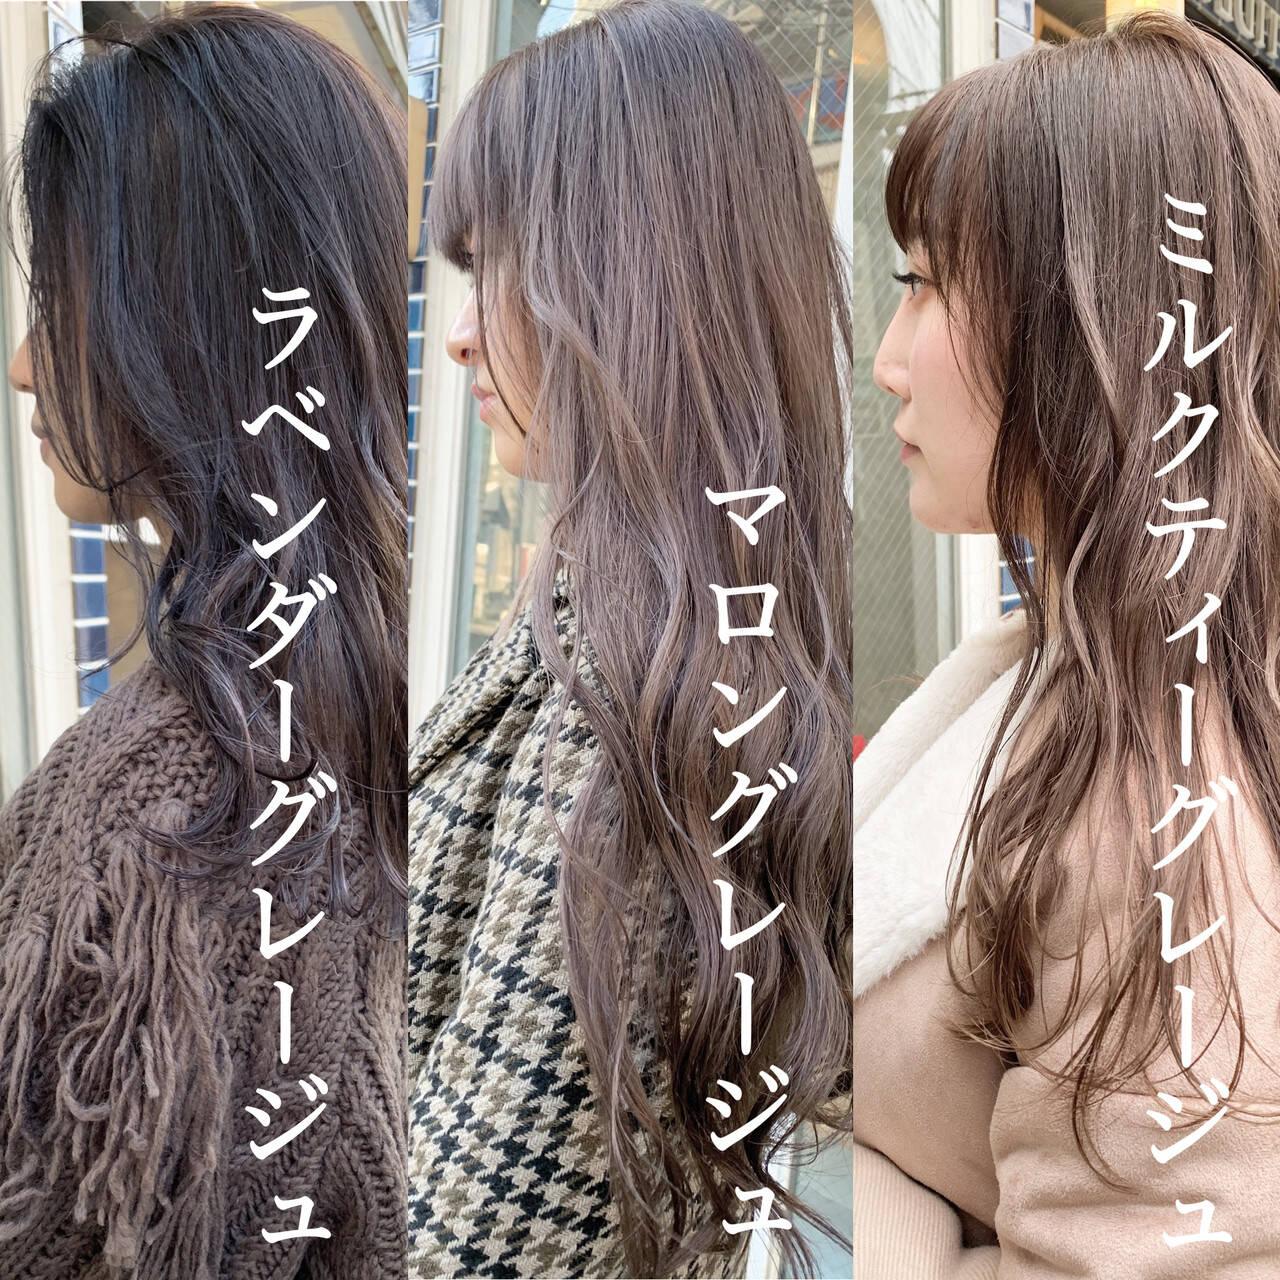 ブリーチなし ミルクティーベージュ ナチュラル ミルクティーグレージュヘアスタイルや髪型の写真・画像